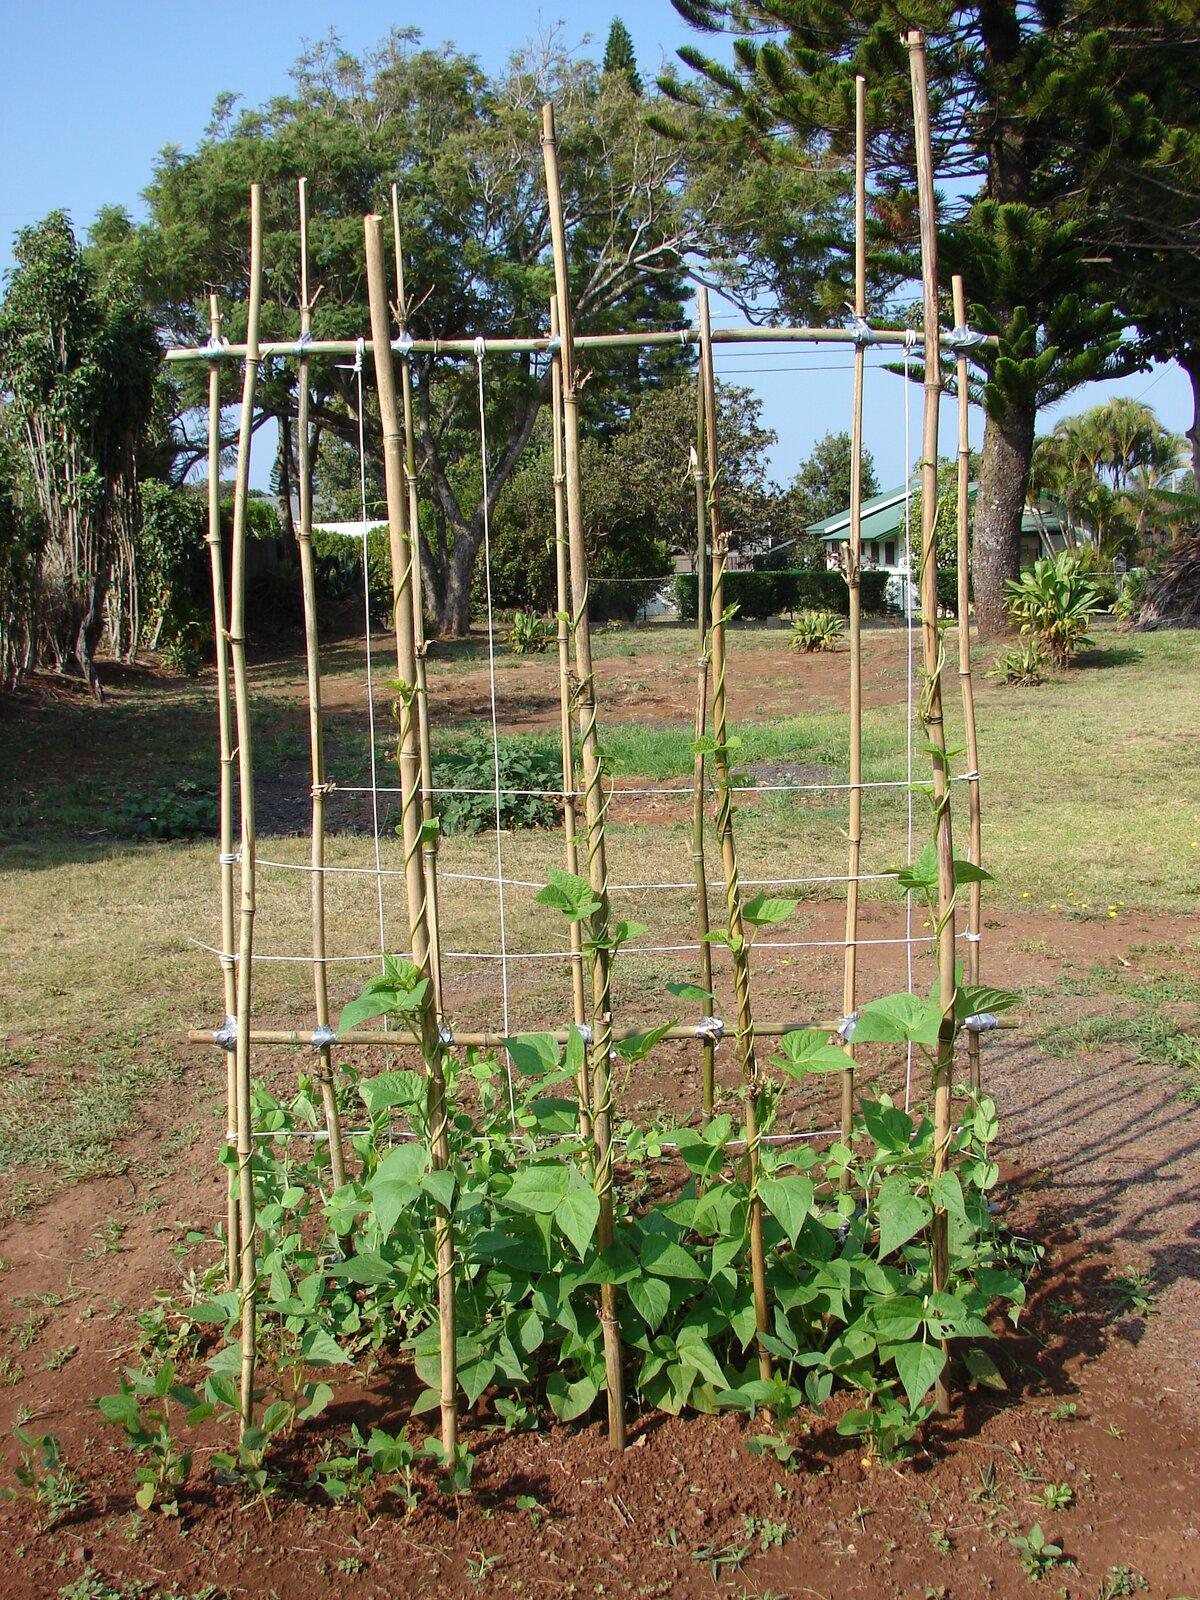 Fotografia przedstawia ogródek, wktórym rośnie fasola. Przy niej ustawiono drewniane drągi jako podpórki. Pędy fasoli owijają się dookoła podpór. Ten ruch nazywa się tigmotropizm.